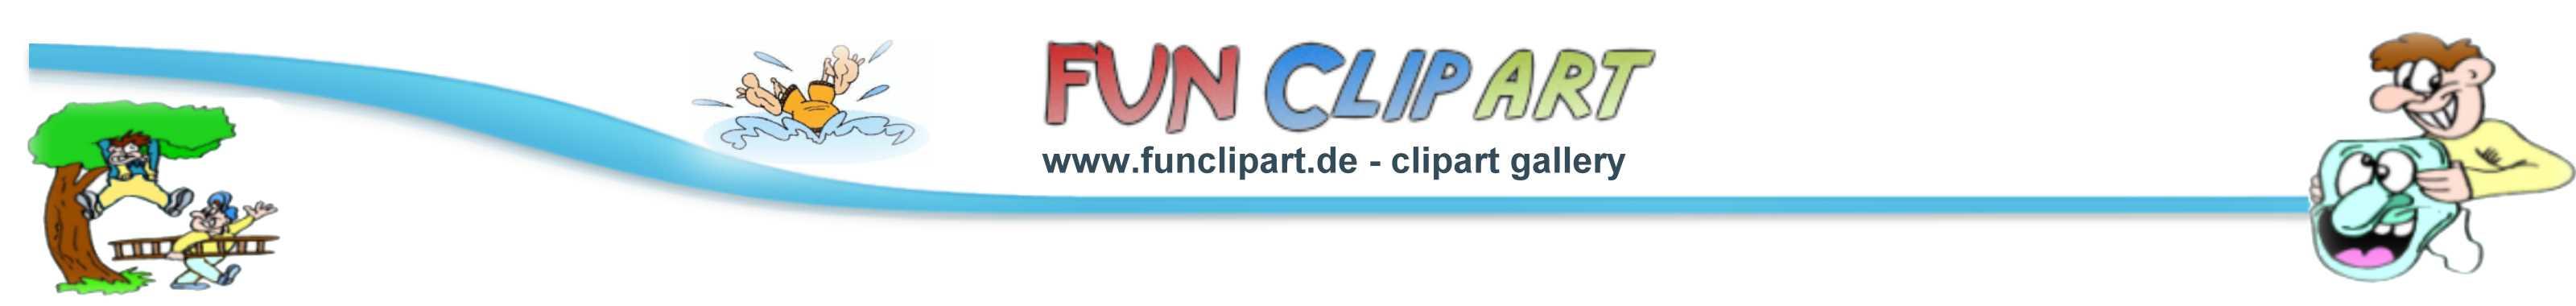 Clipart kostenlos Sammlung, Bilder & kostenlose CLIP ART downloaden